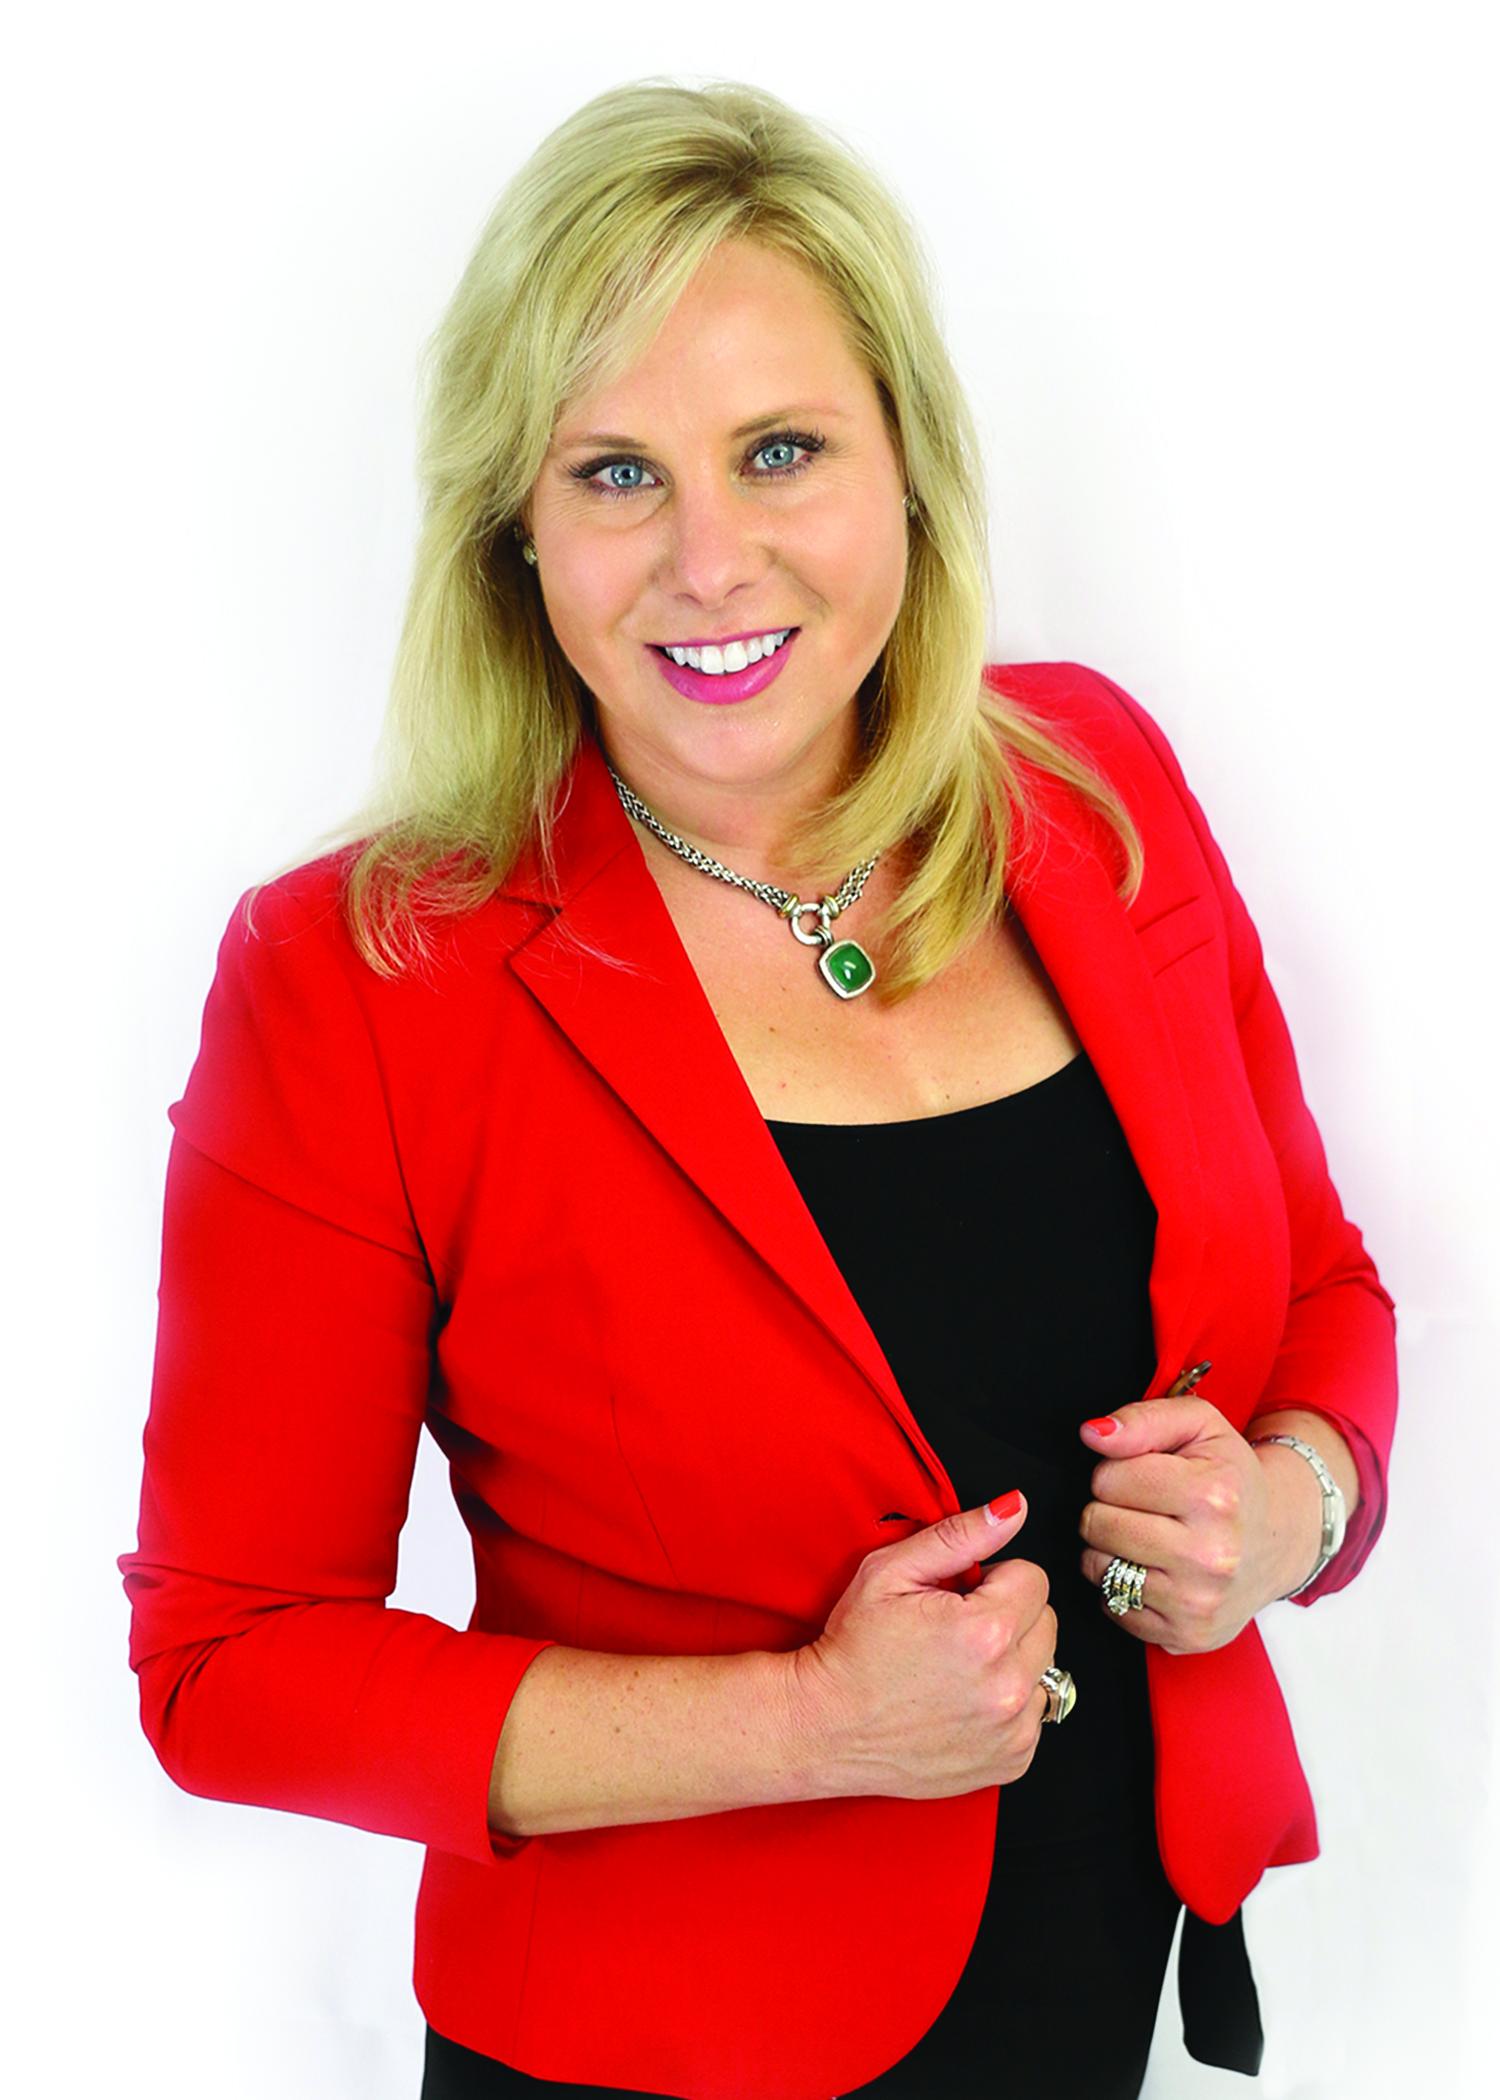 Sarah Beth Aubrey